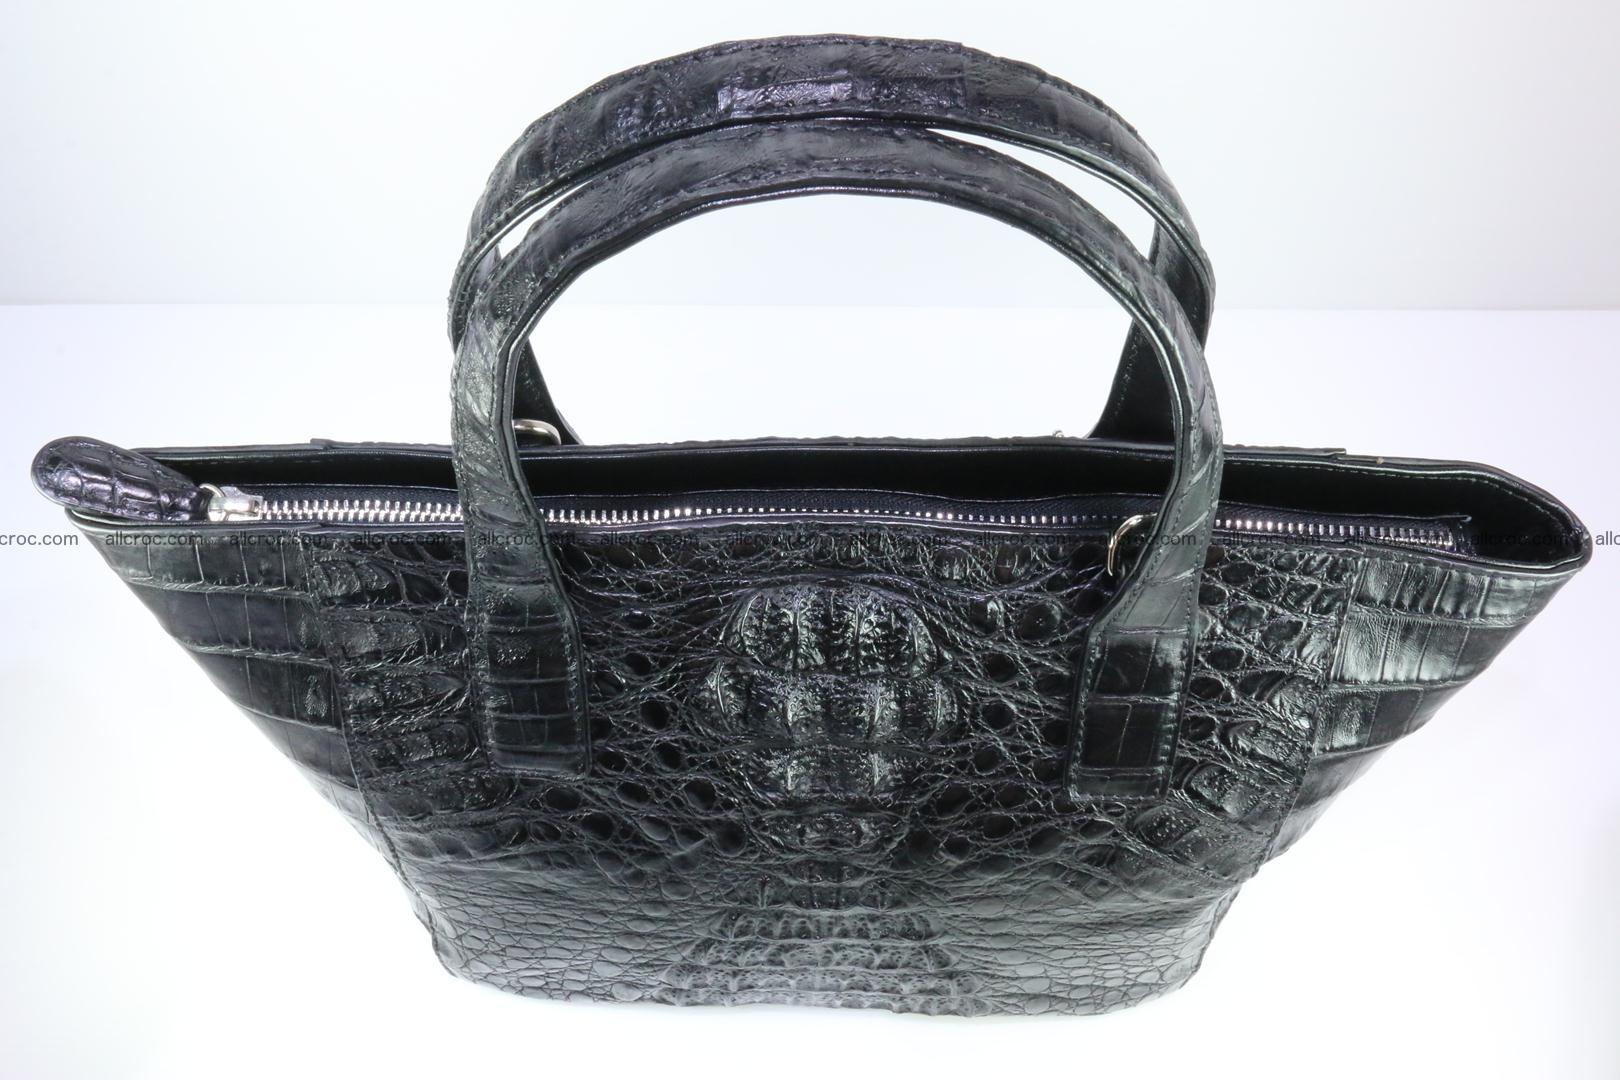 Genuine crocodile women's handbag 060 Foto 8